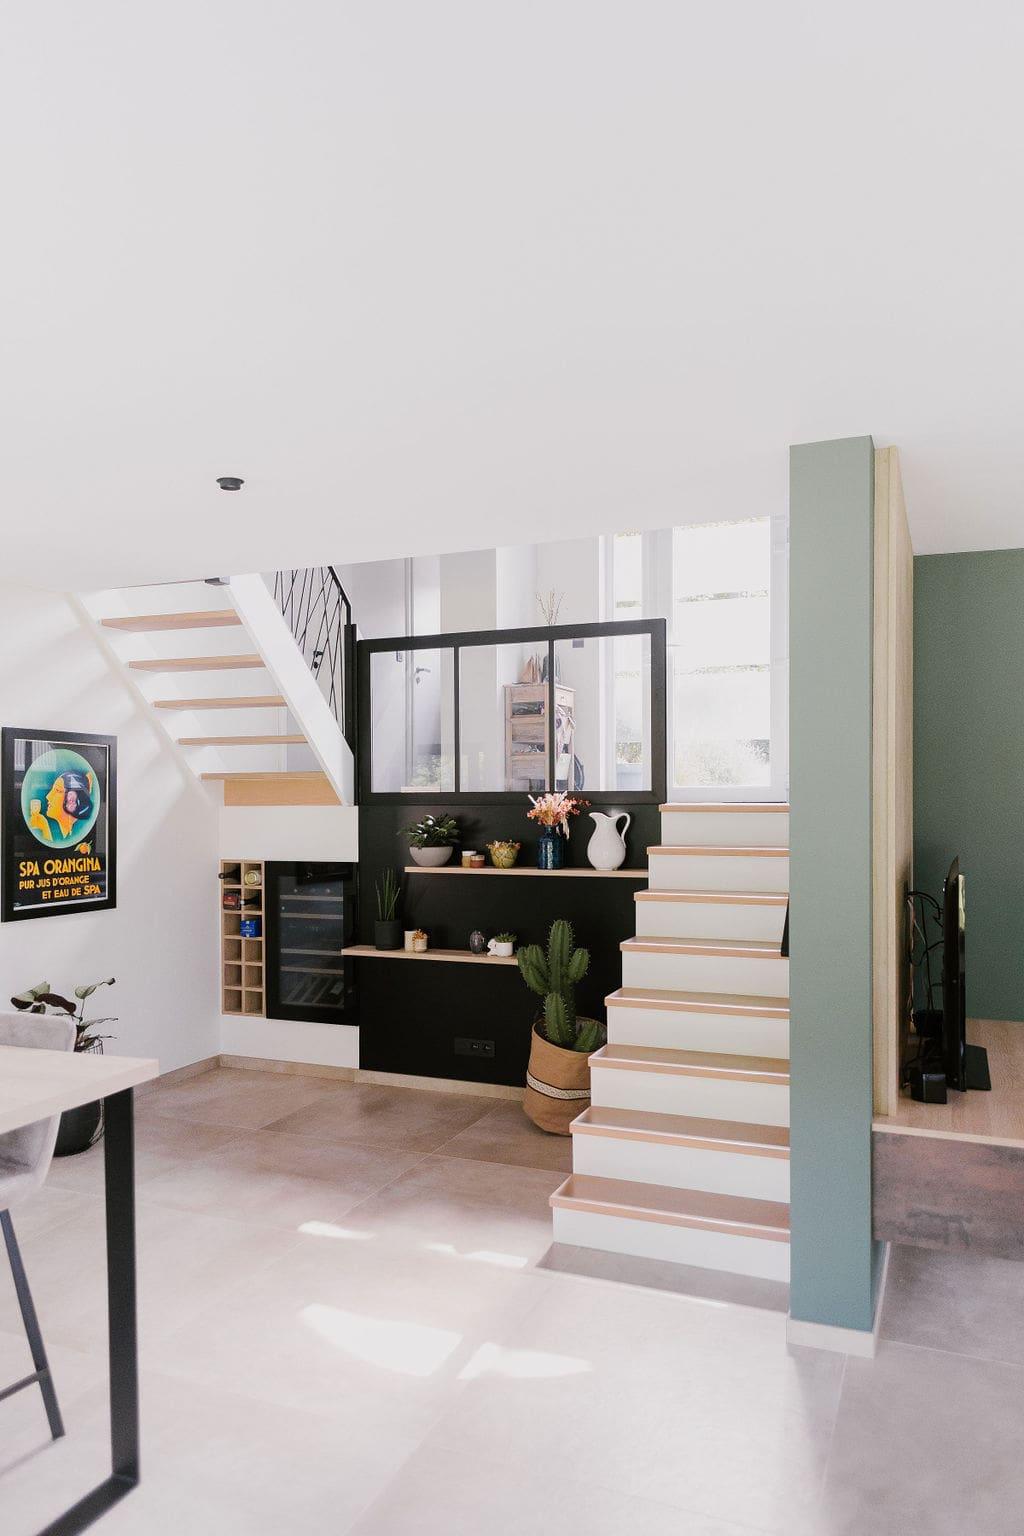 amenagement-maison-mack-midrez-spa-arha-studio